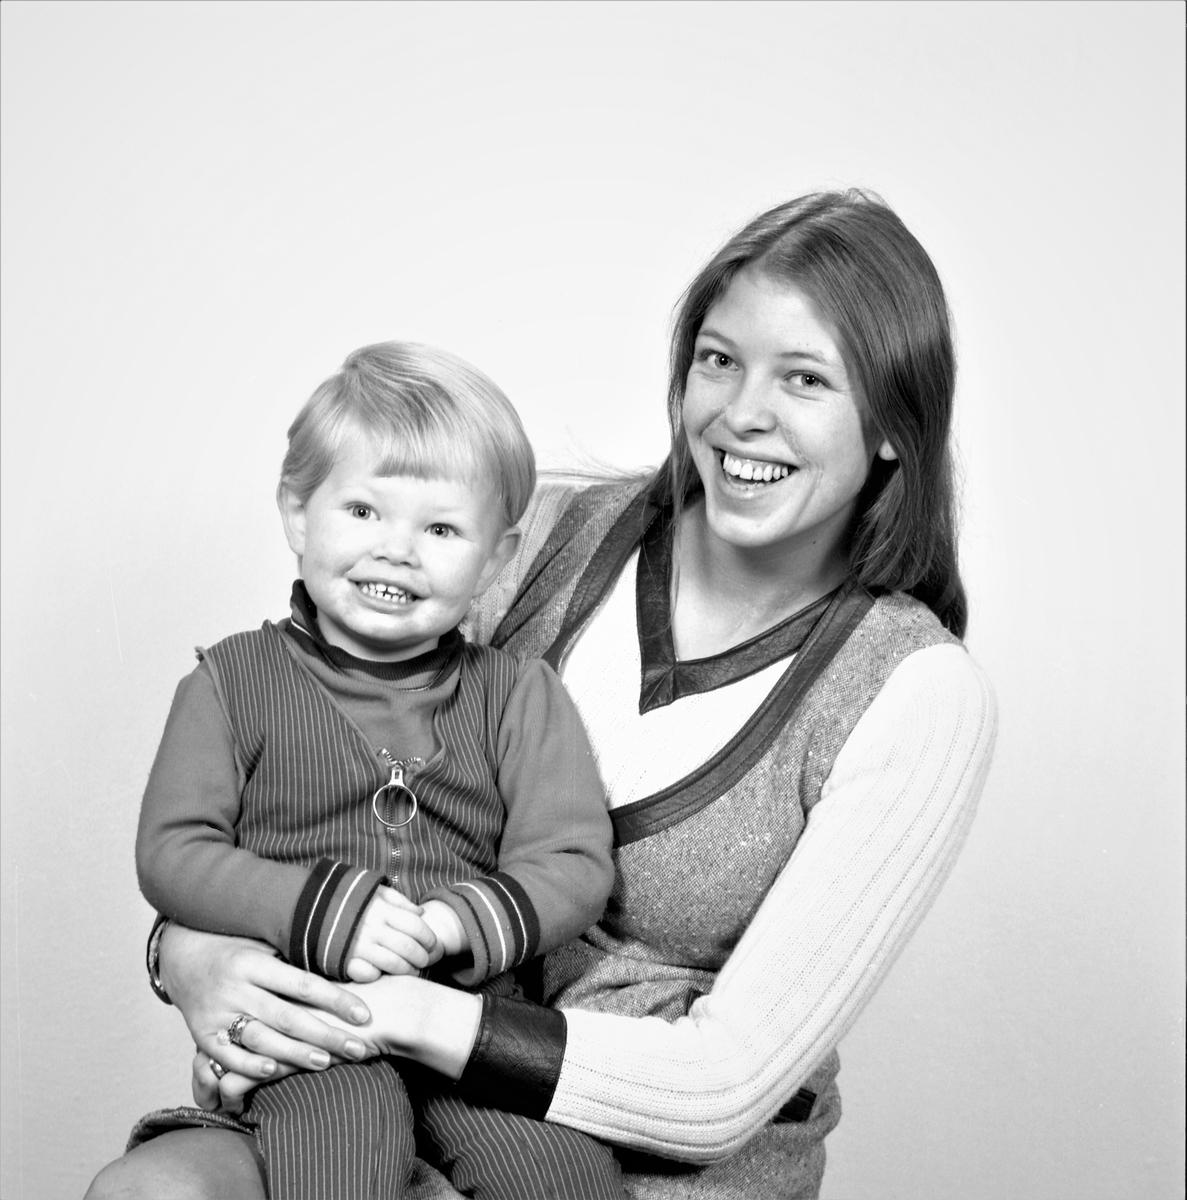 Portrett. Familiegruppe på to. Ung kvinne med ung gutt på fanget. Bestilt av Bente Mæland. Vikebygd.